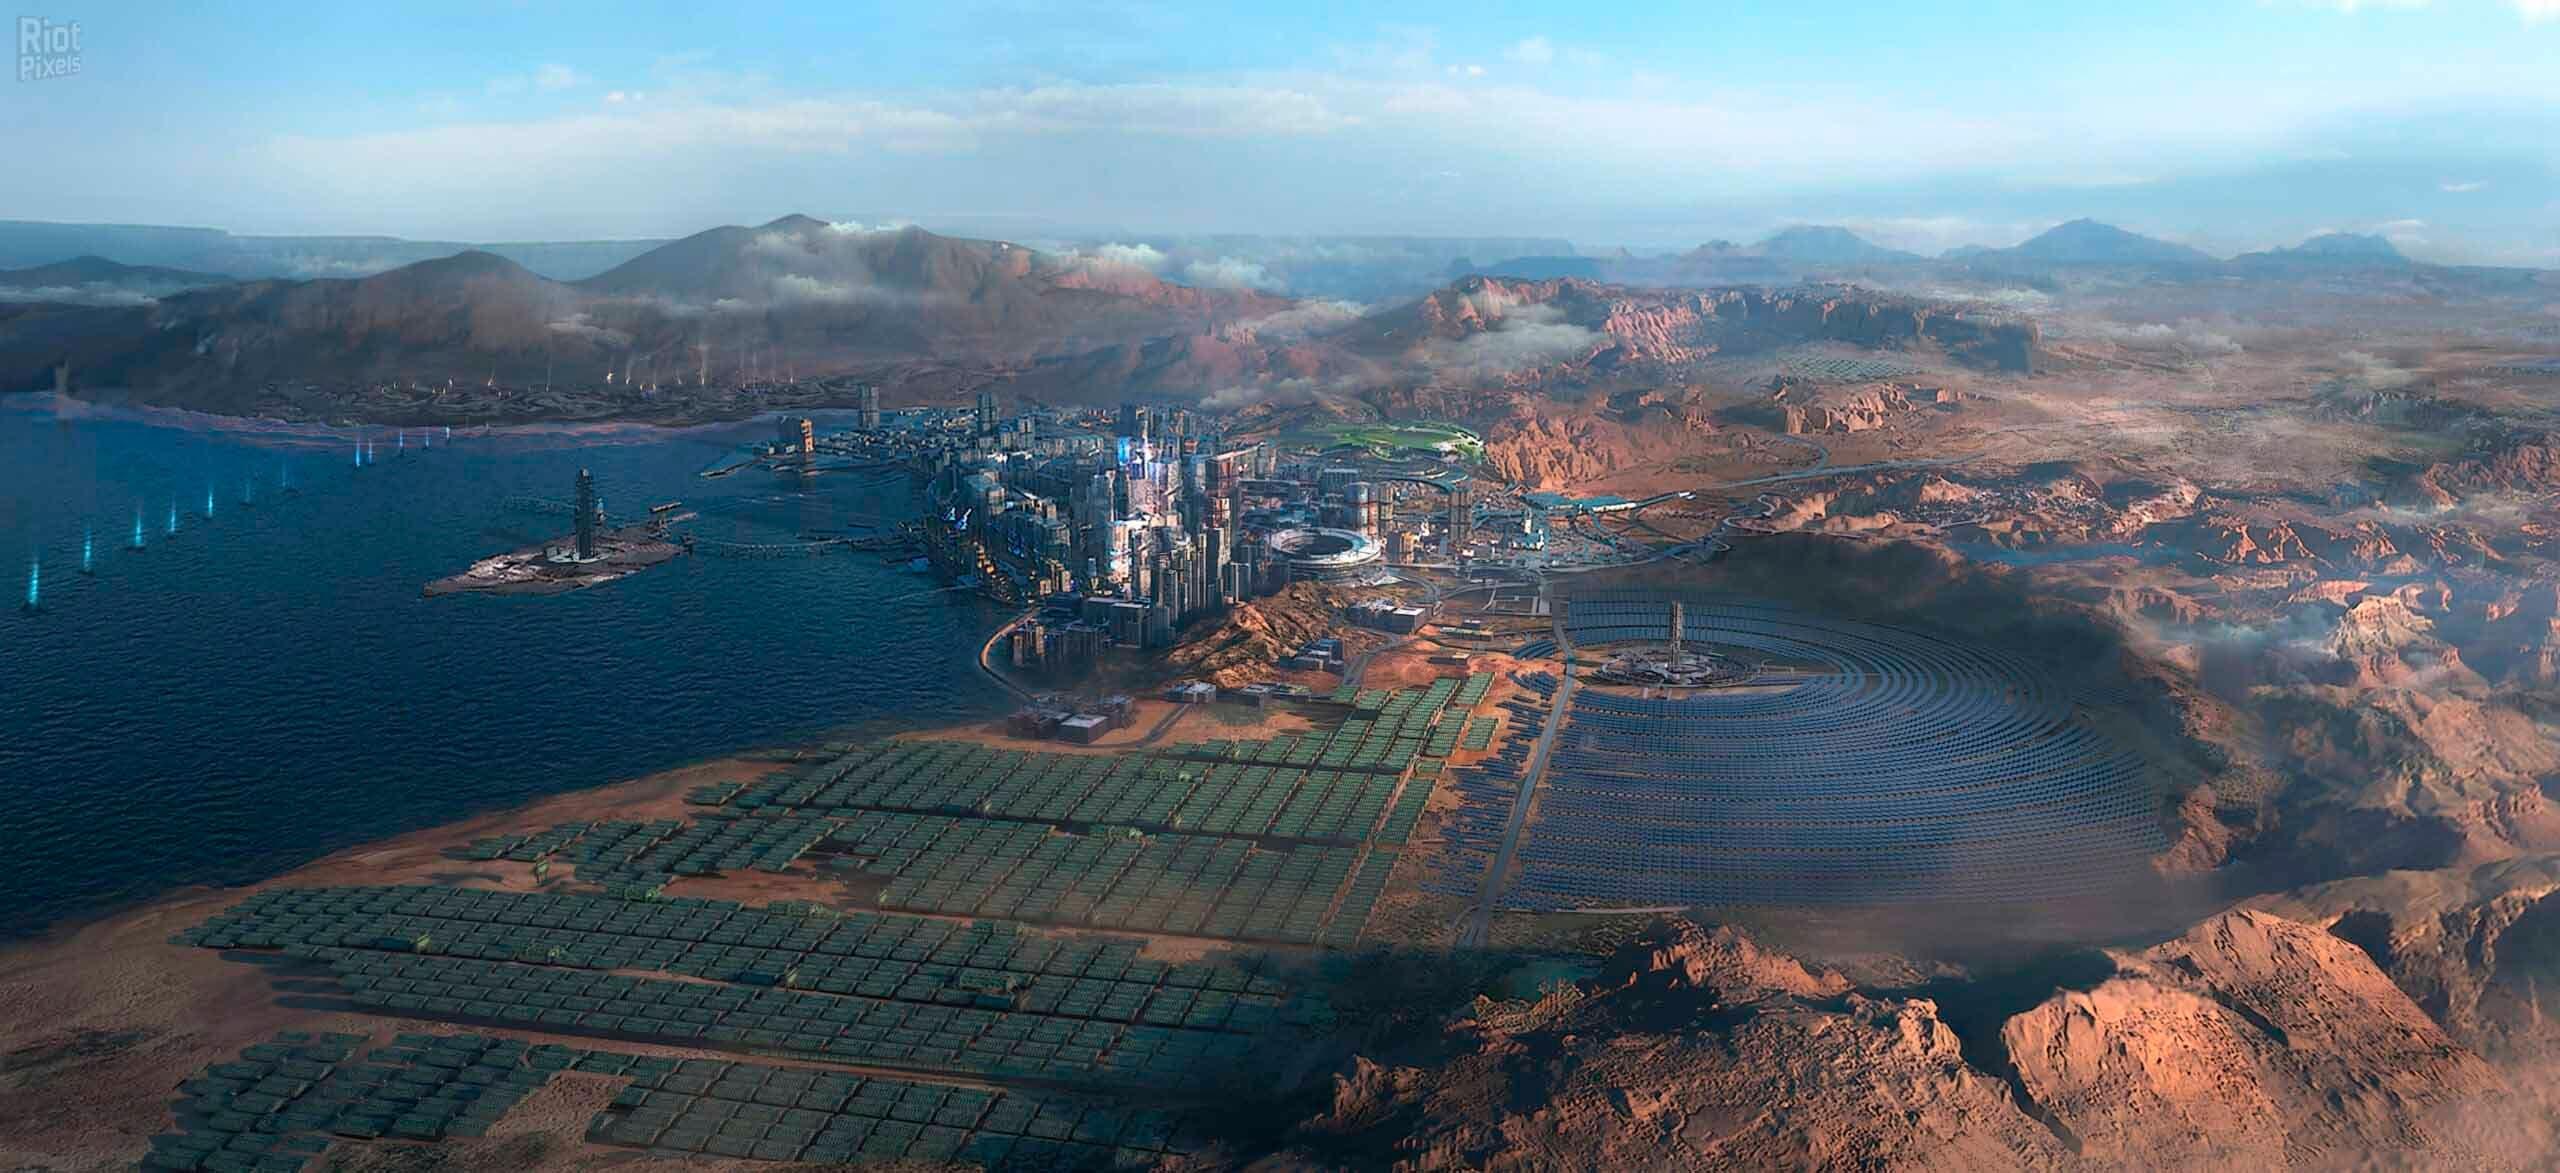 La ciudad de Cyberpunk 2077 protagonista de varias imágenes 2